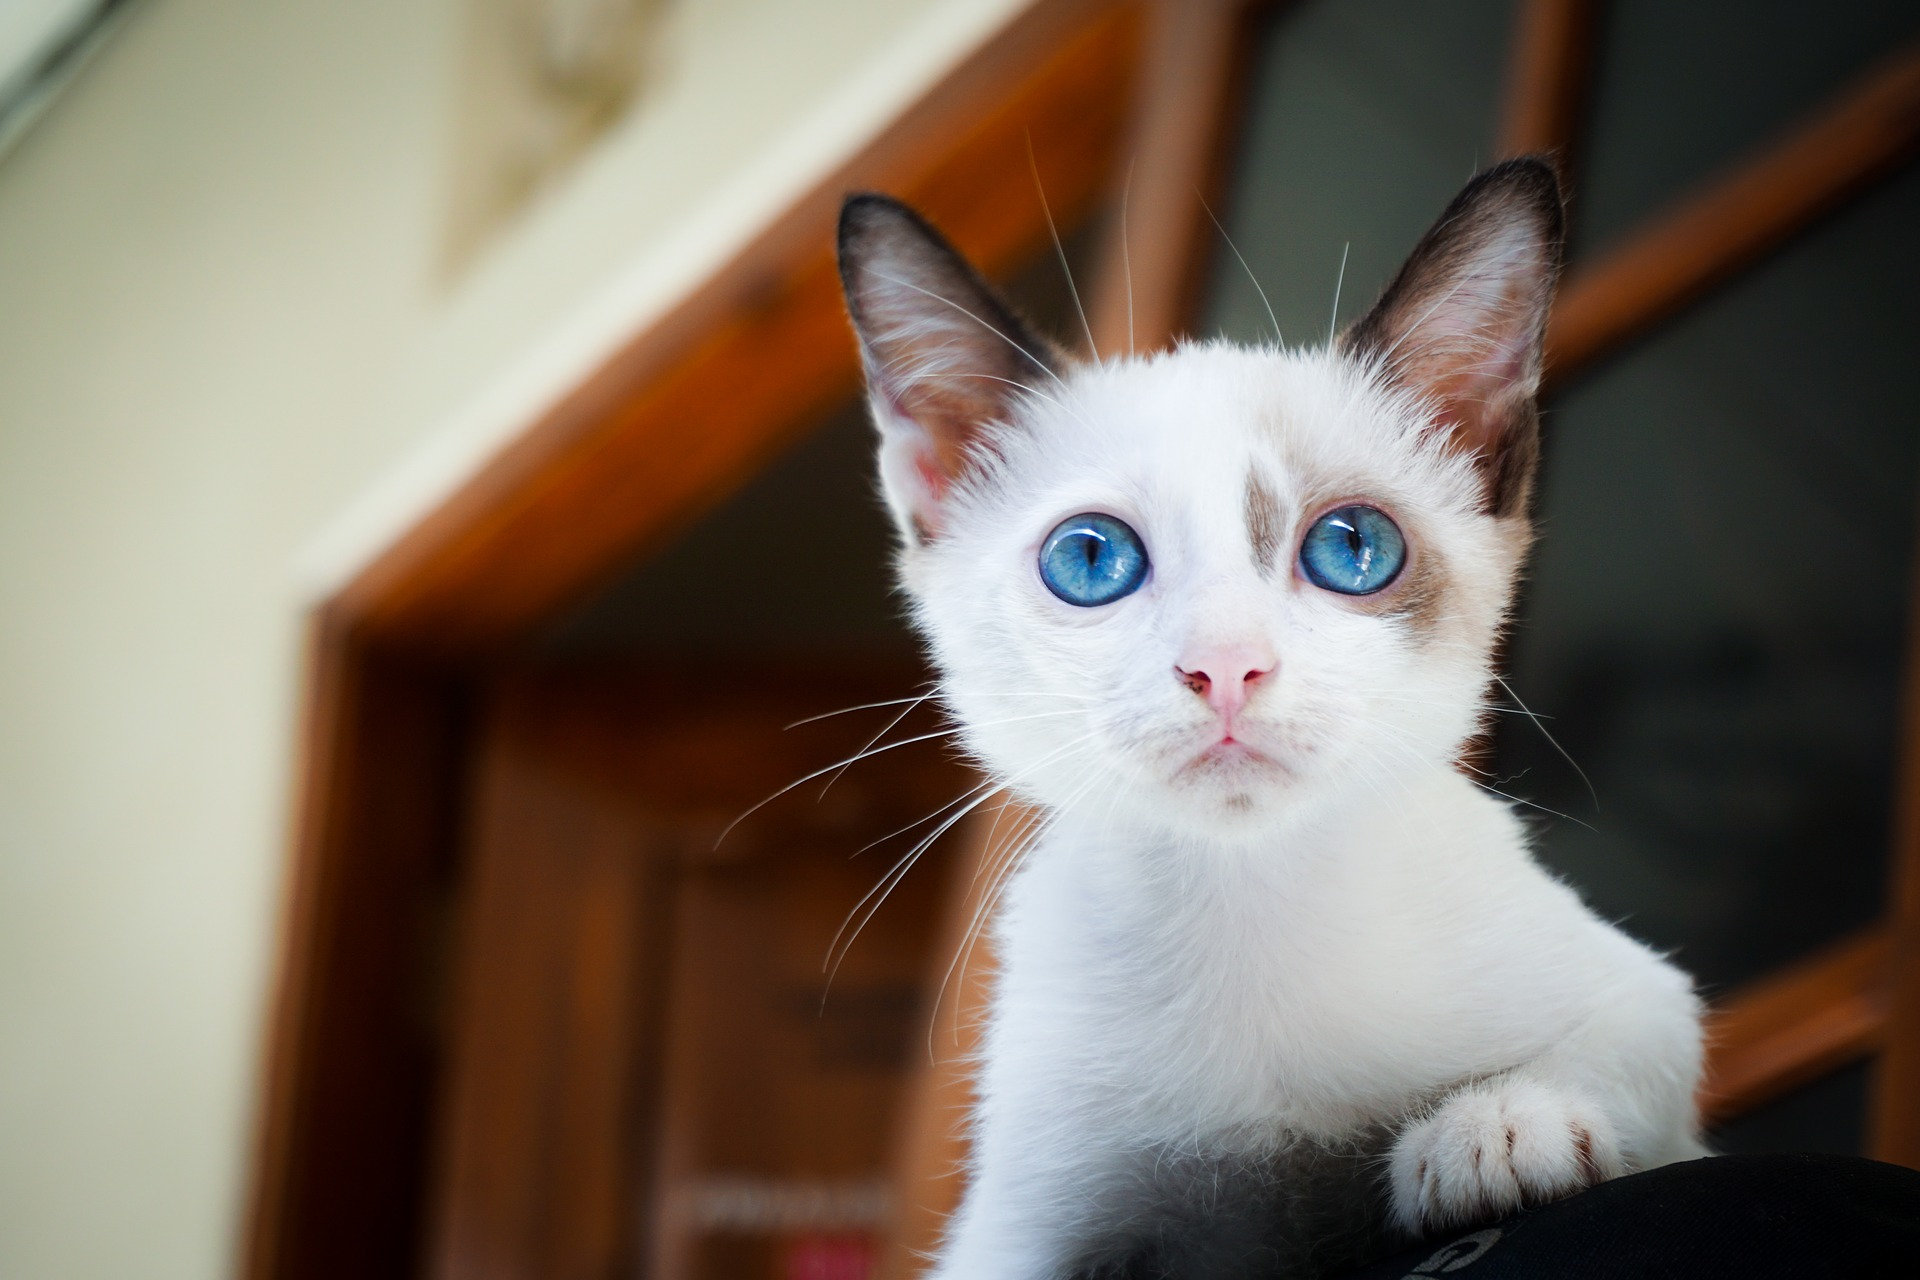 Cum să-ți faci pisica să piardă în greutate Obezitatea pisicii - Wamiz